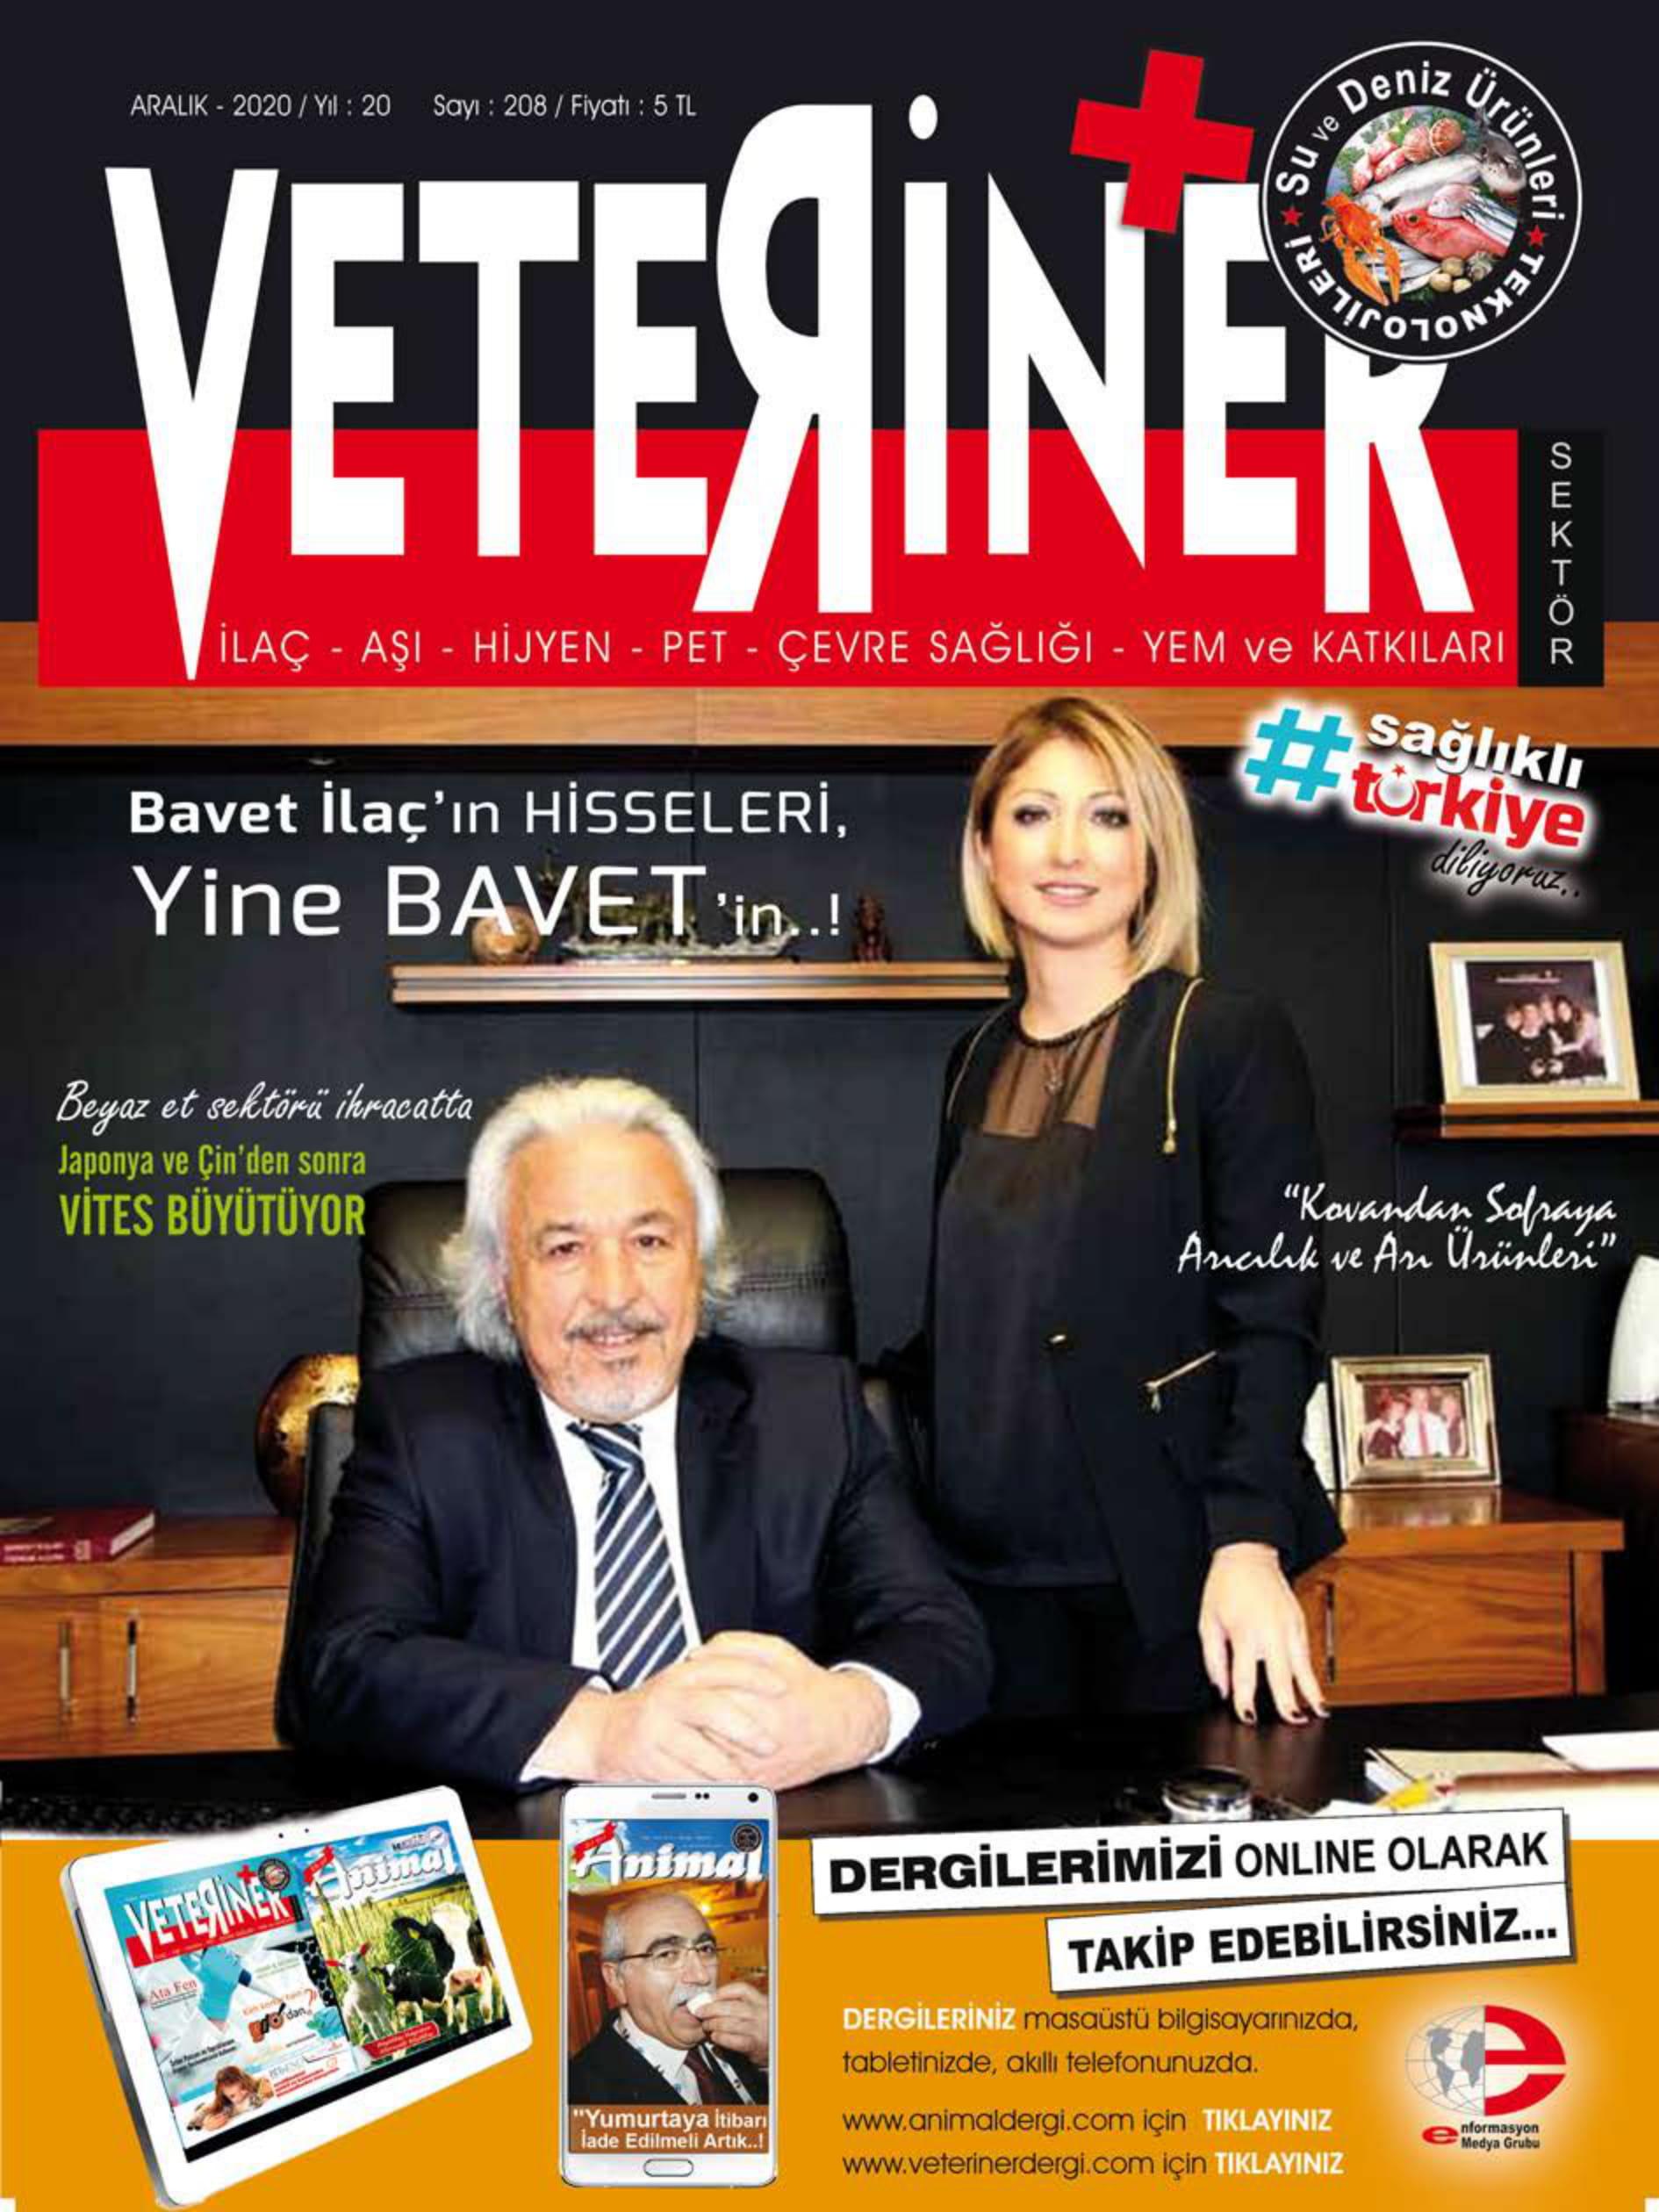 Aralık 2020 Dergi